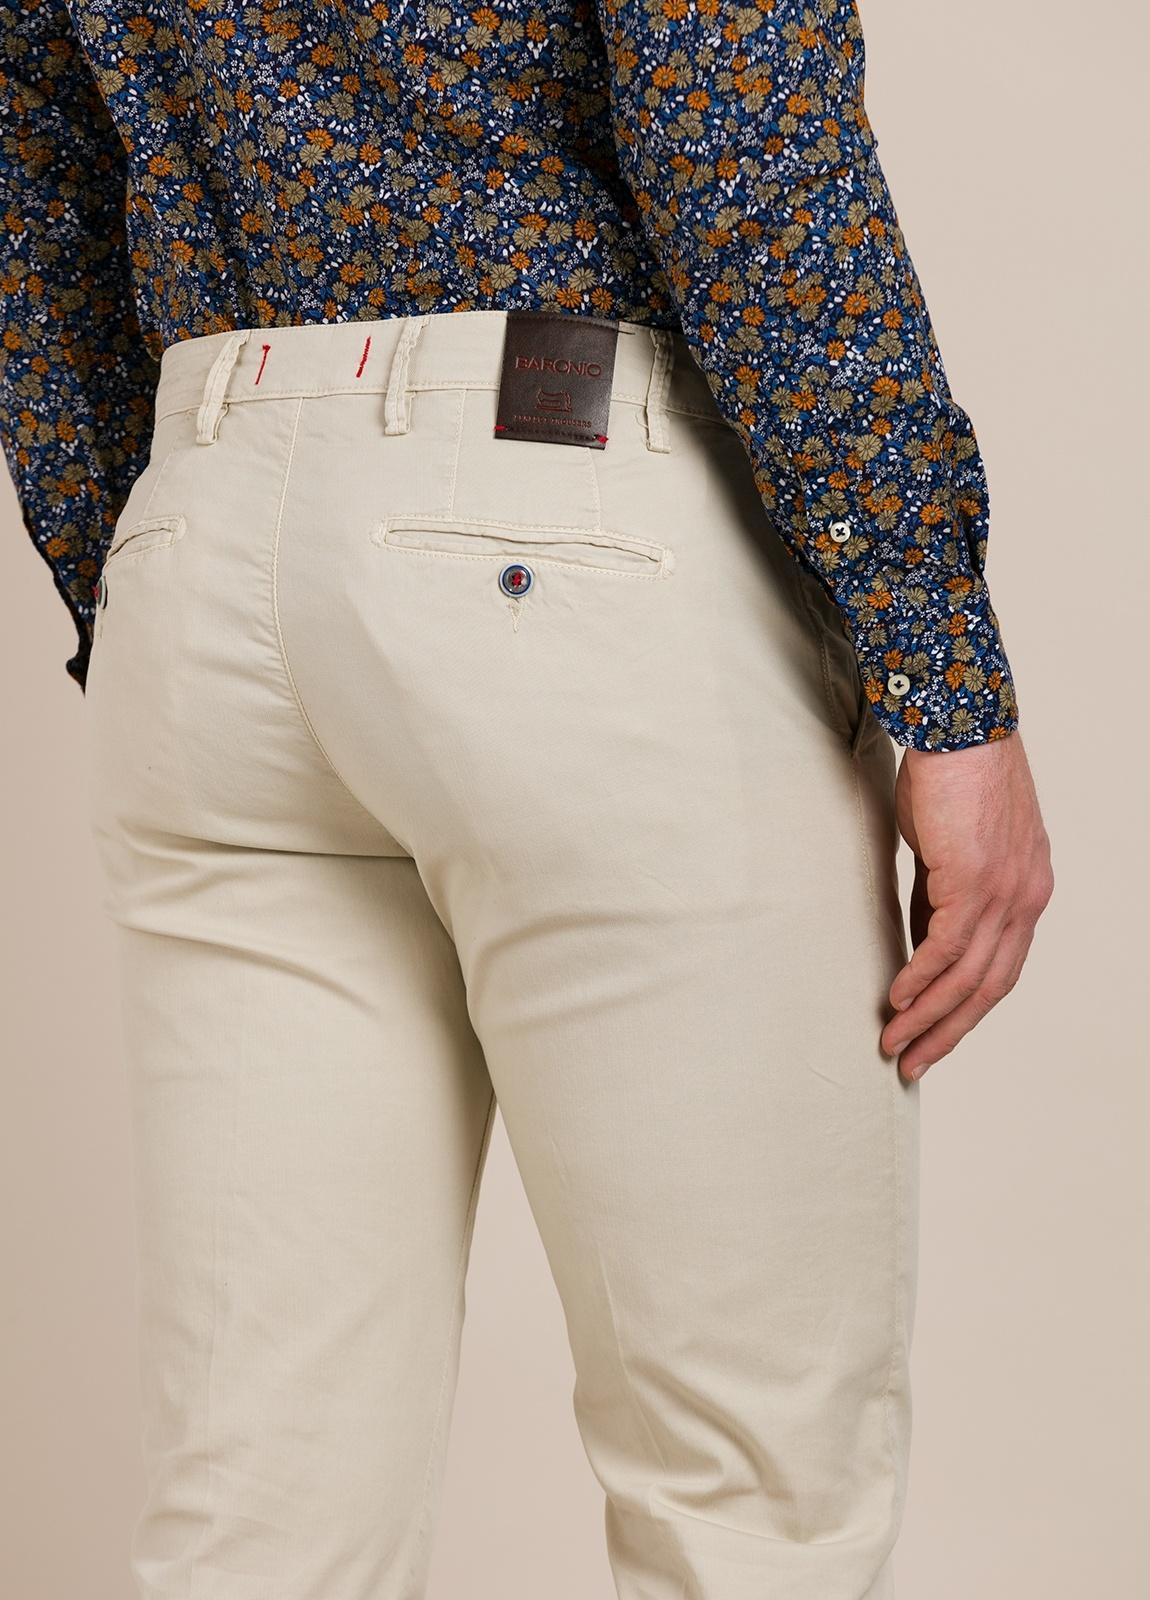 Pantalón chino BARONIO beige - Ítem3